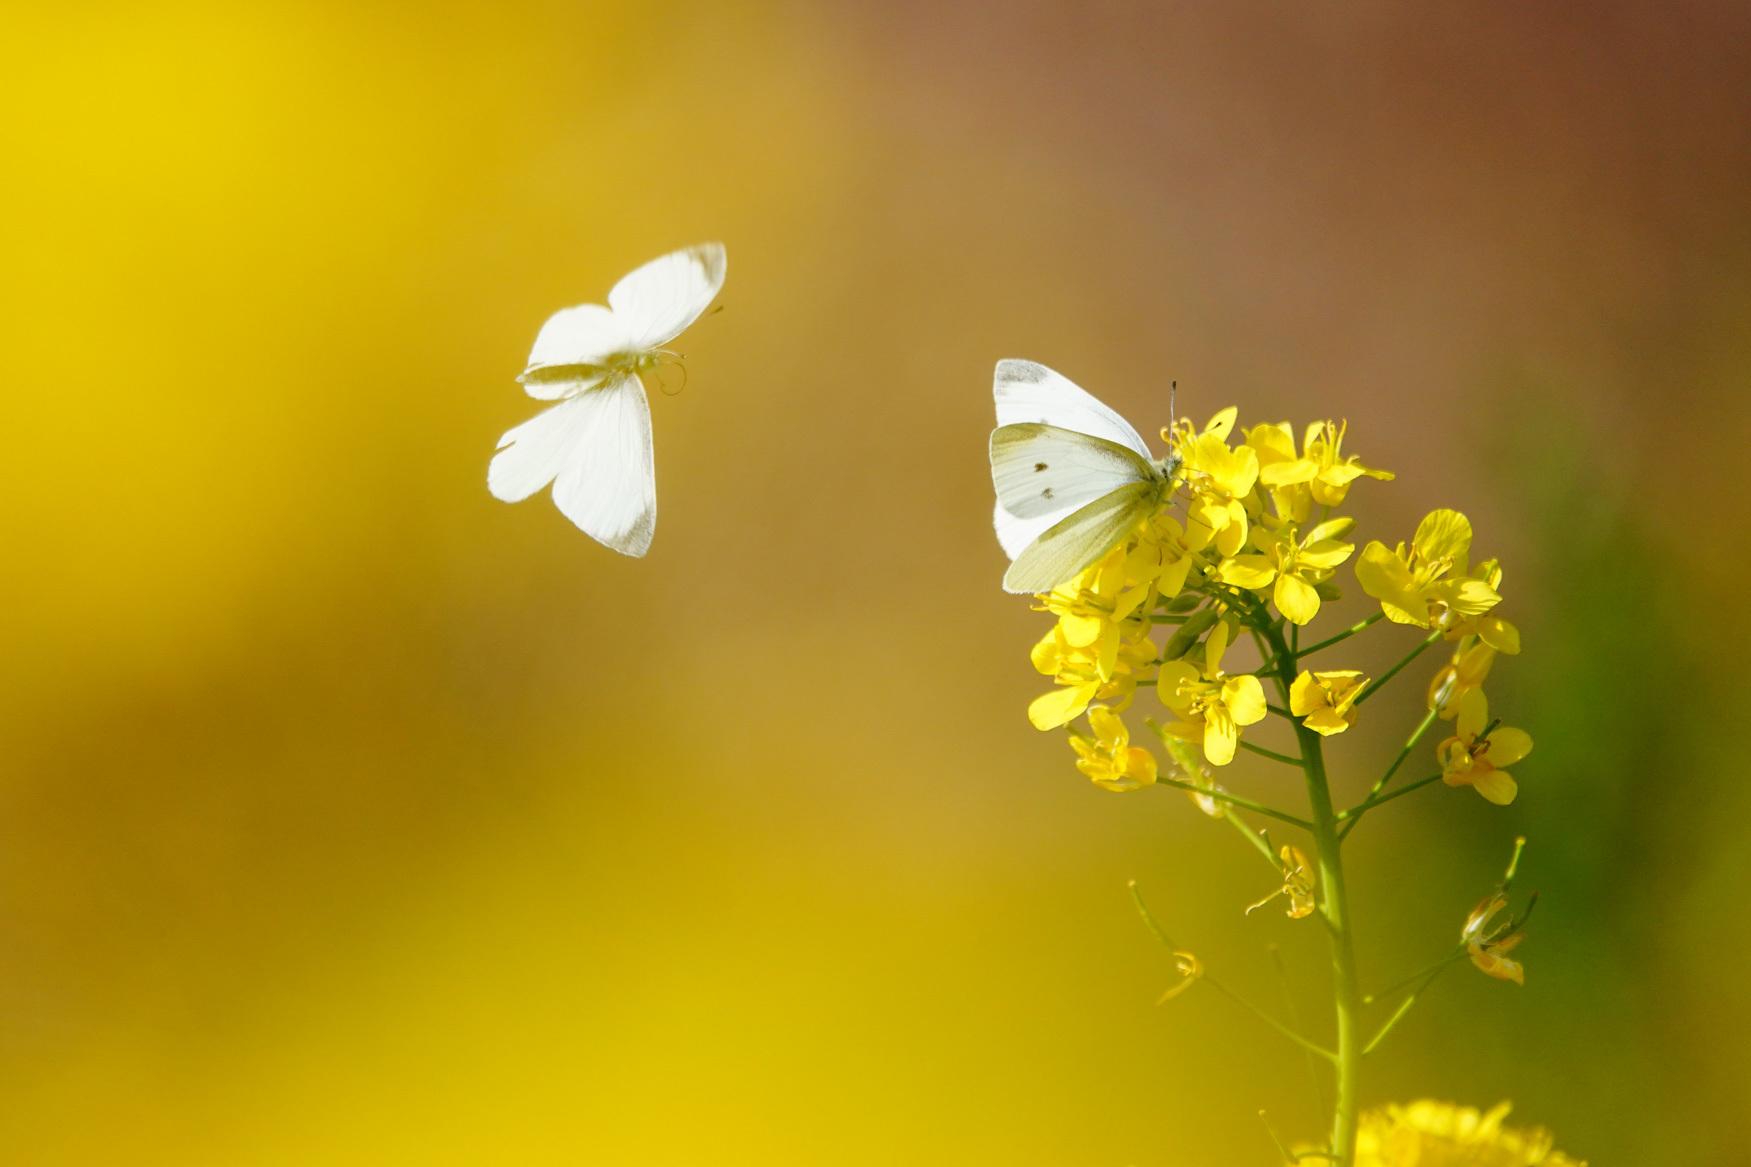 菜の花で戯れる蝶々_e0291438_12215185.jpg